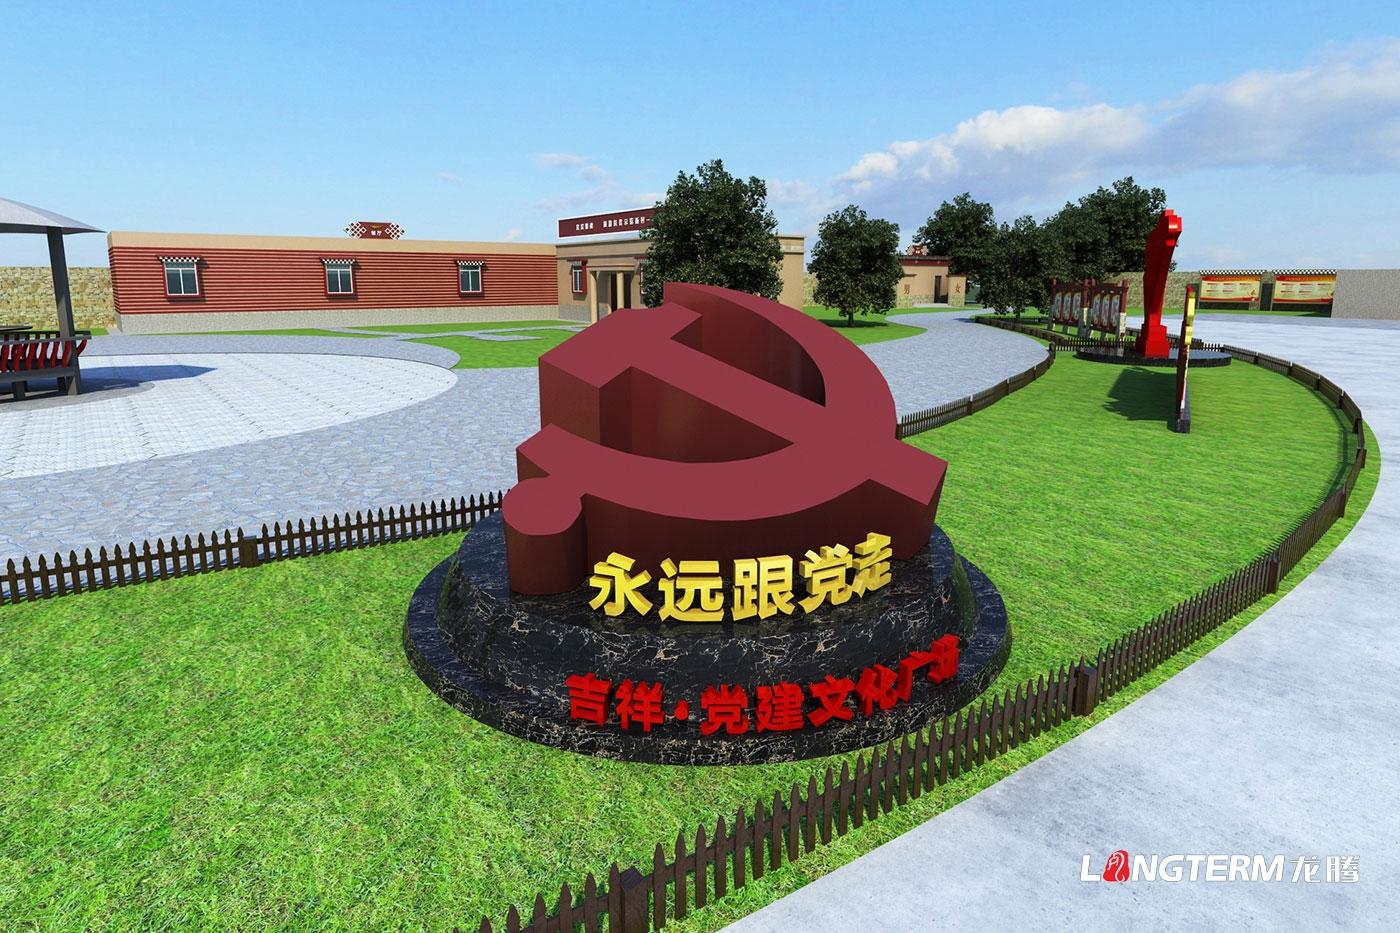 新龙县吉祥●党建文化主题广场设计